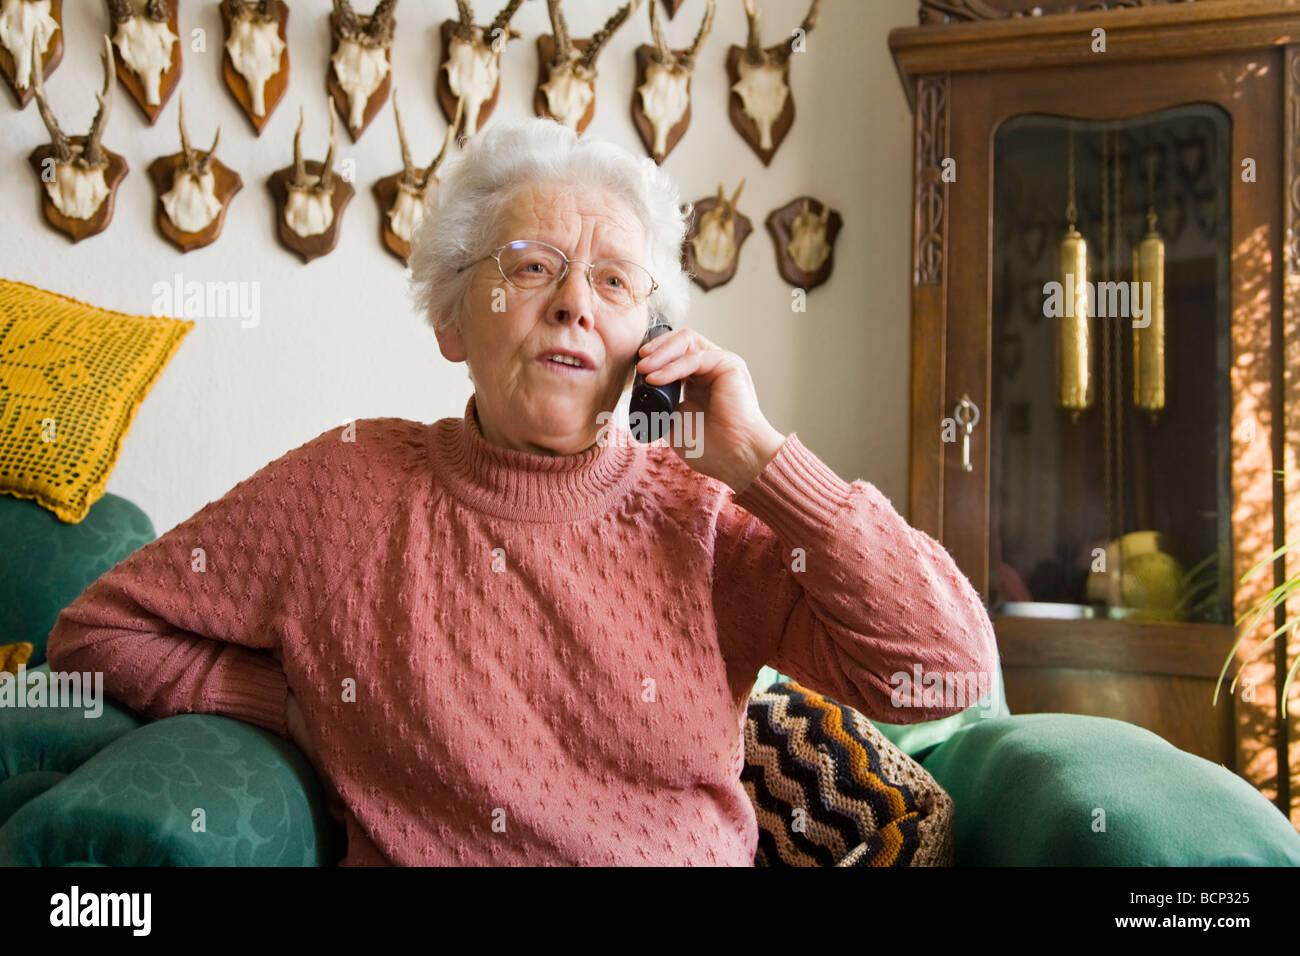 Frau in ihren Siebzigern sitzt in einem Sessel im Wohnzimmer und telefoniert mit einem schnurlosen Telefon Stock Photo